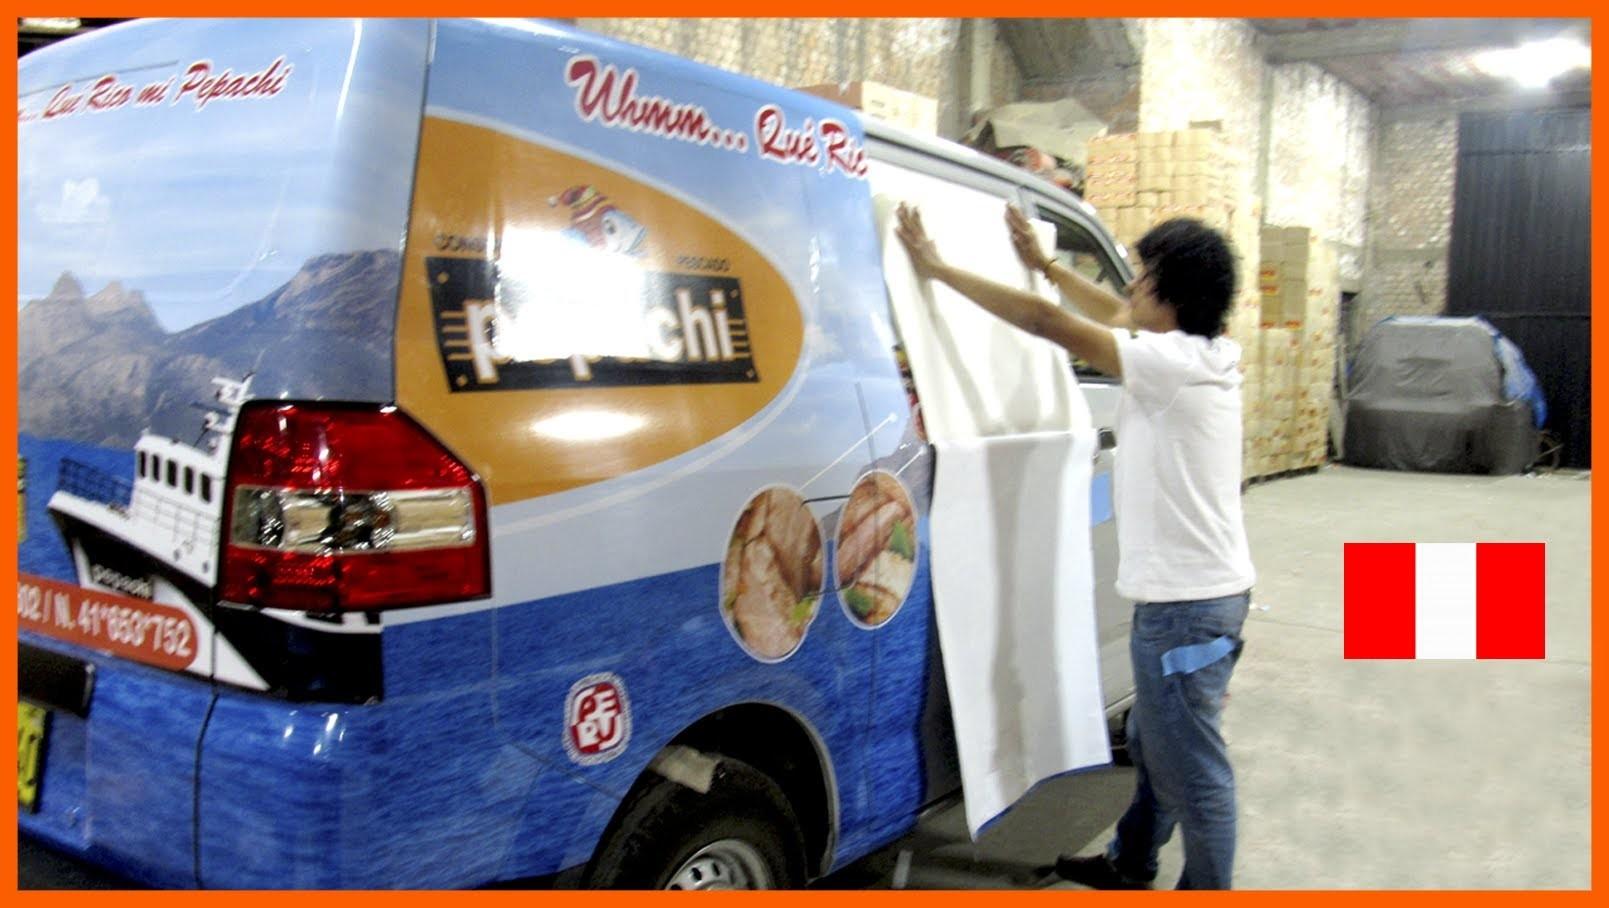 PUBLICIDAD VEHICULAR - MINIVAN,CAMIONES,CAMIONETAS - LIMA  PERÚ | Car Wrap - applying vinyl vehicle